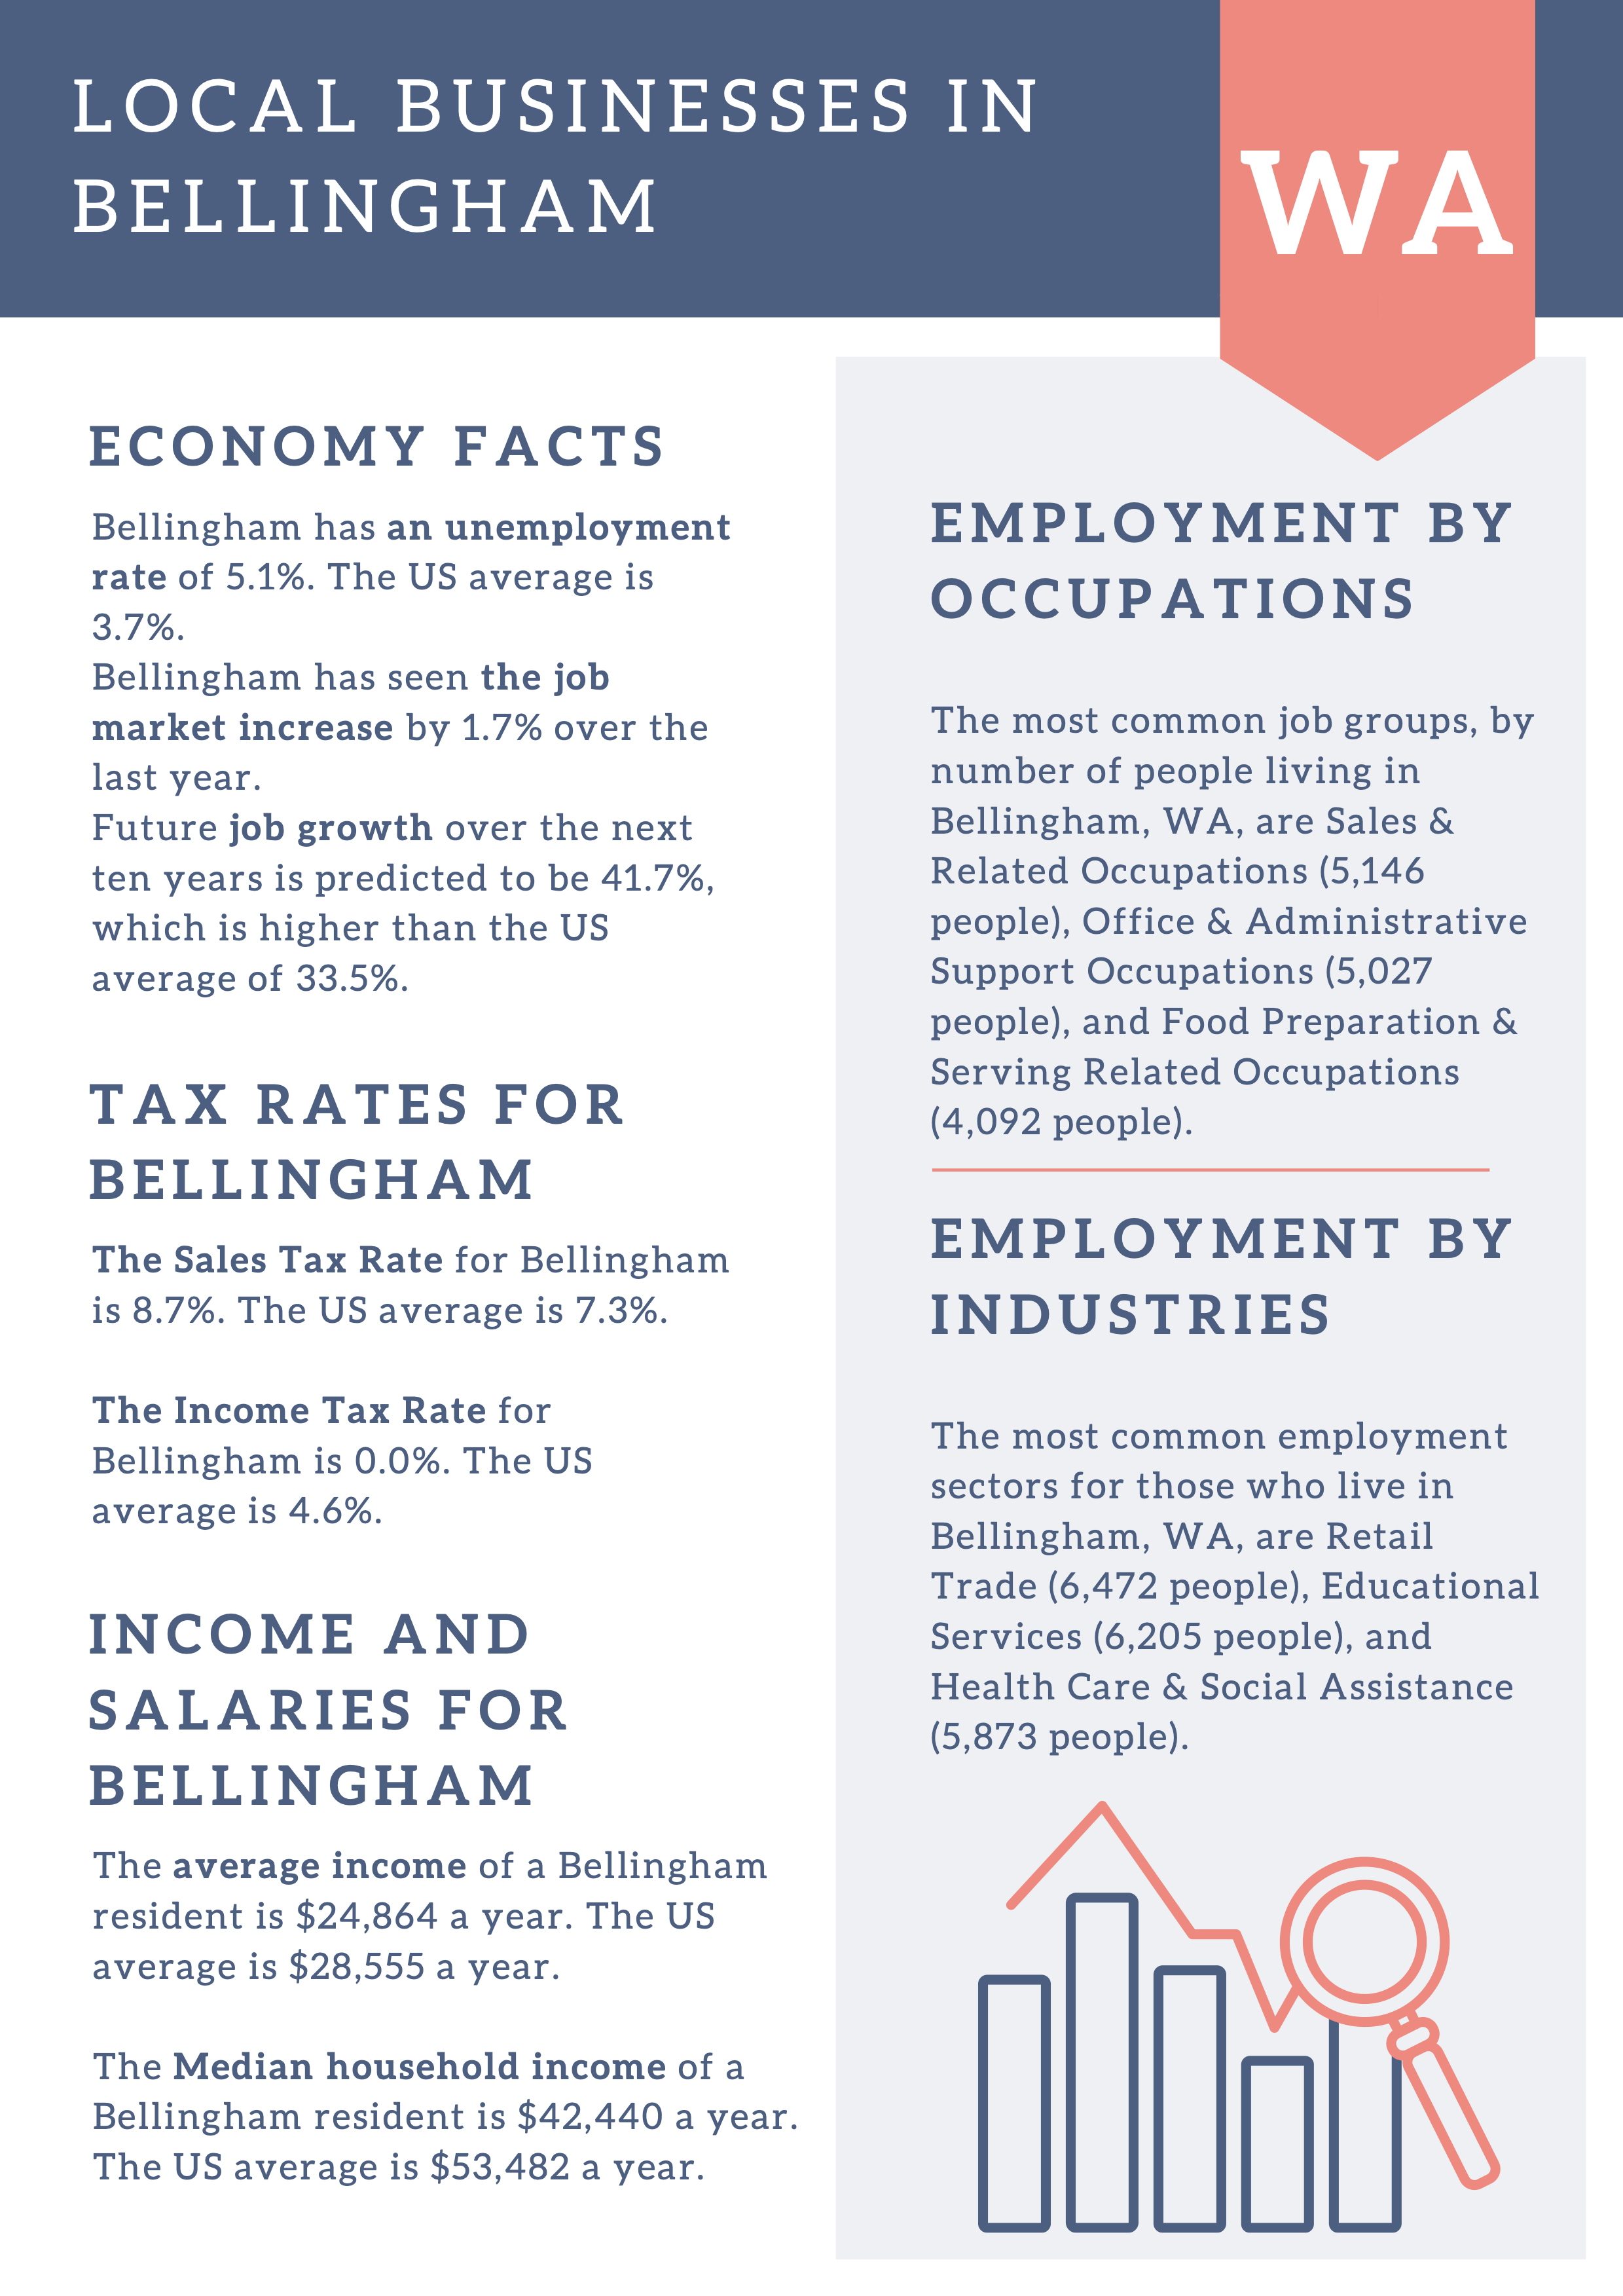 Local Businesses in Bellingham